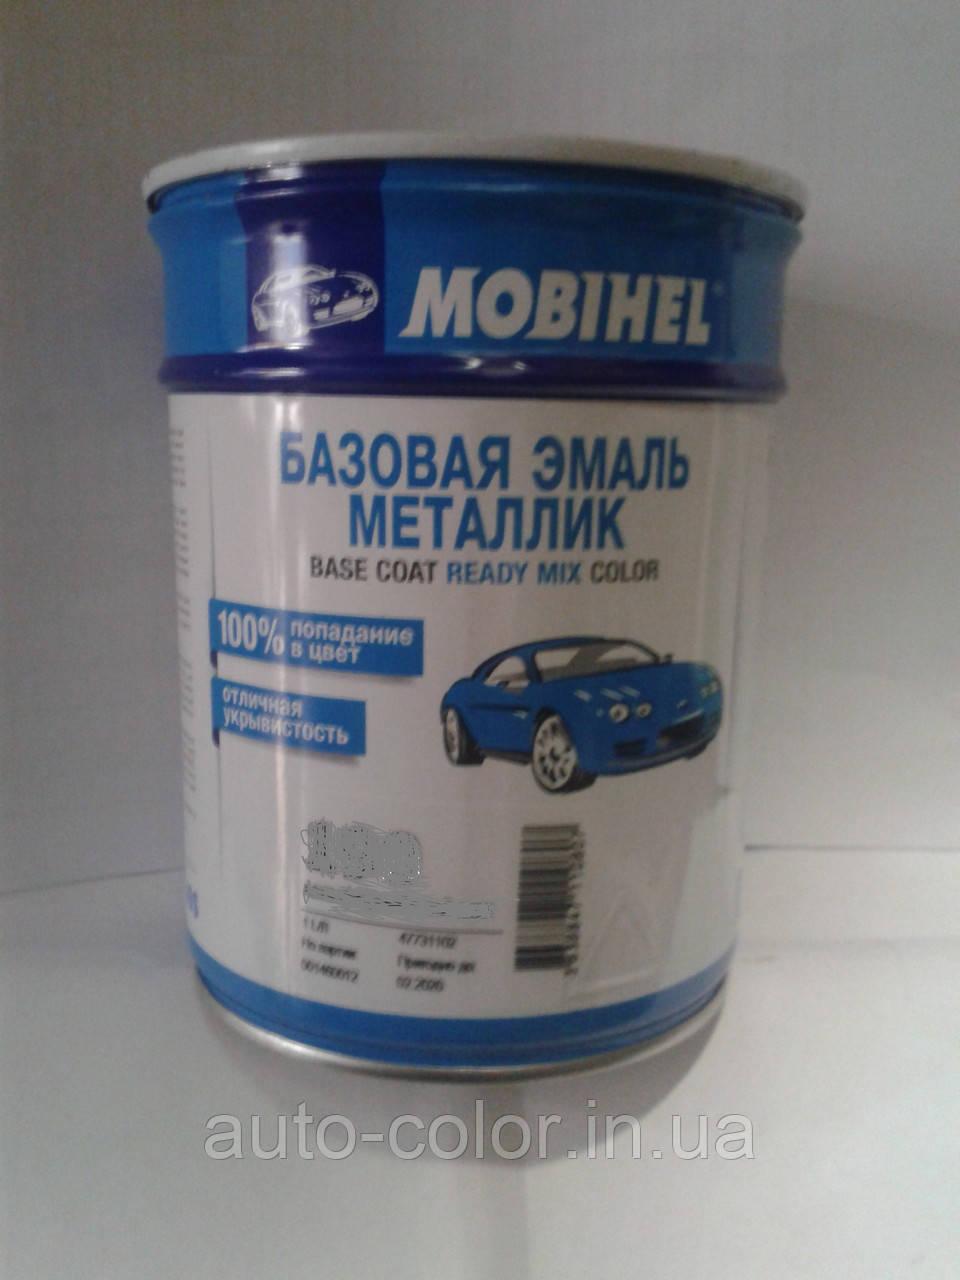 Автоемаль базова металік Mobihel 665 Космос 1л